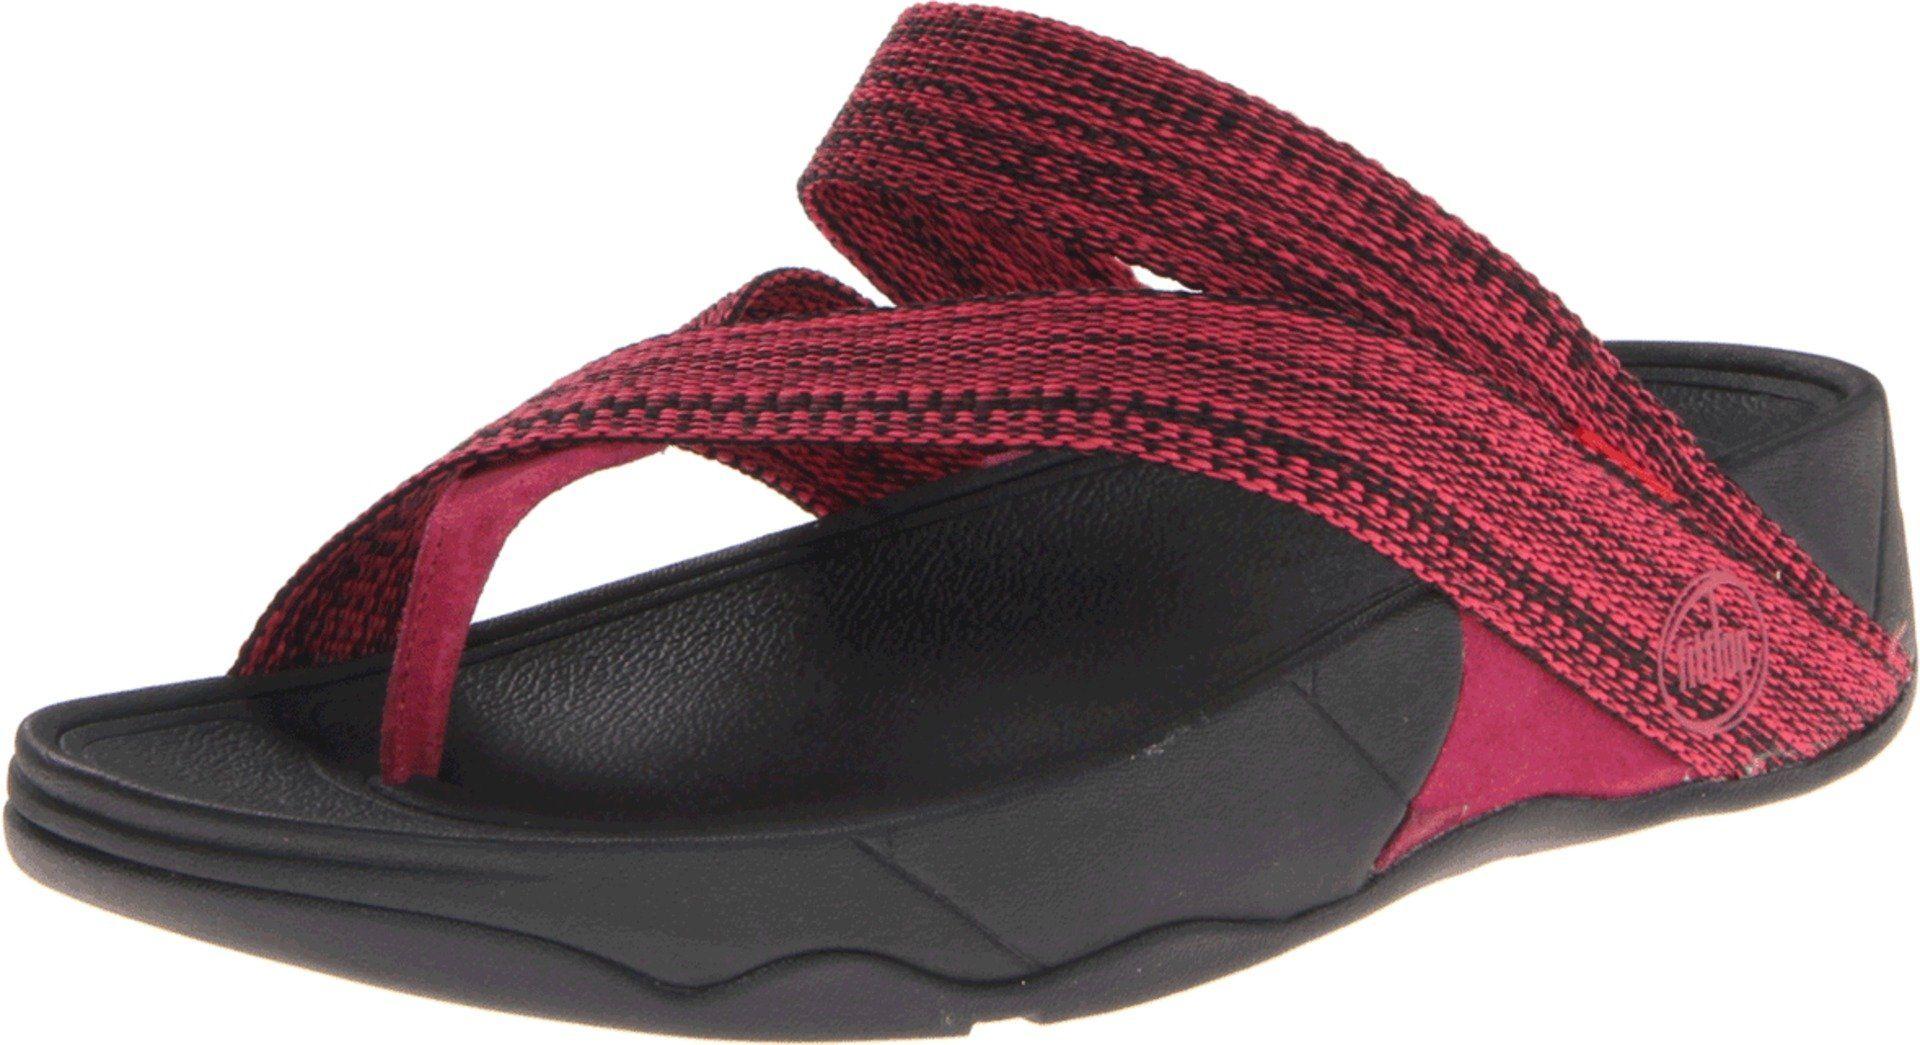 9e49039e6926bd FitFlop Women s Sling Webbing Thong Sandal. FitFlop Women s Sling Webbing  Thong Sandal Fitflop